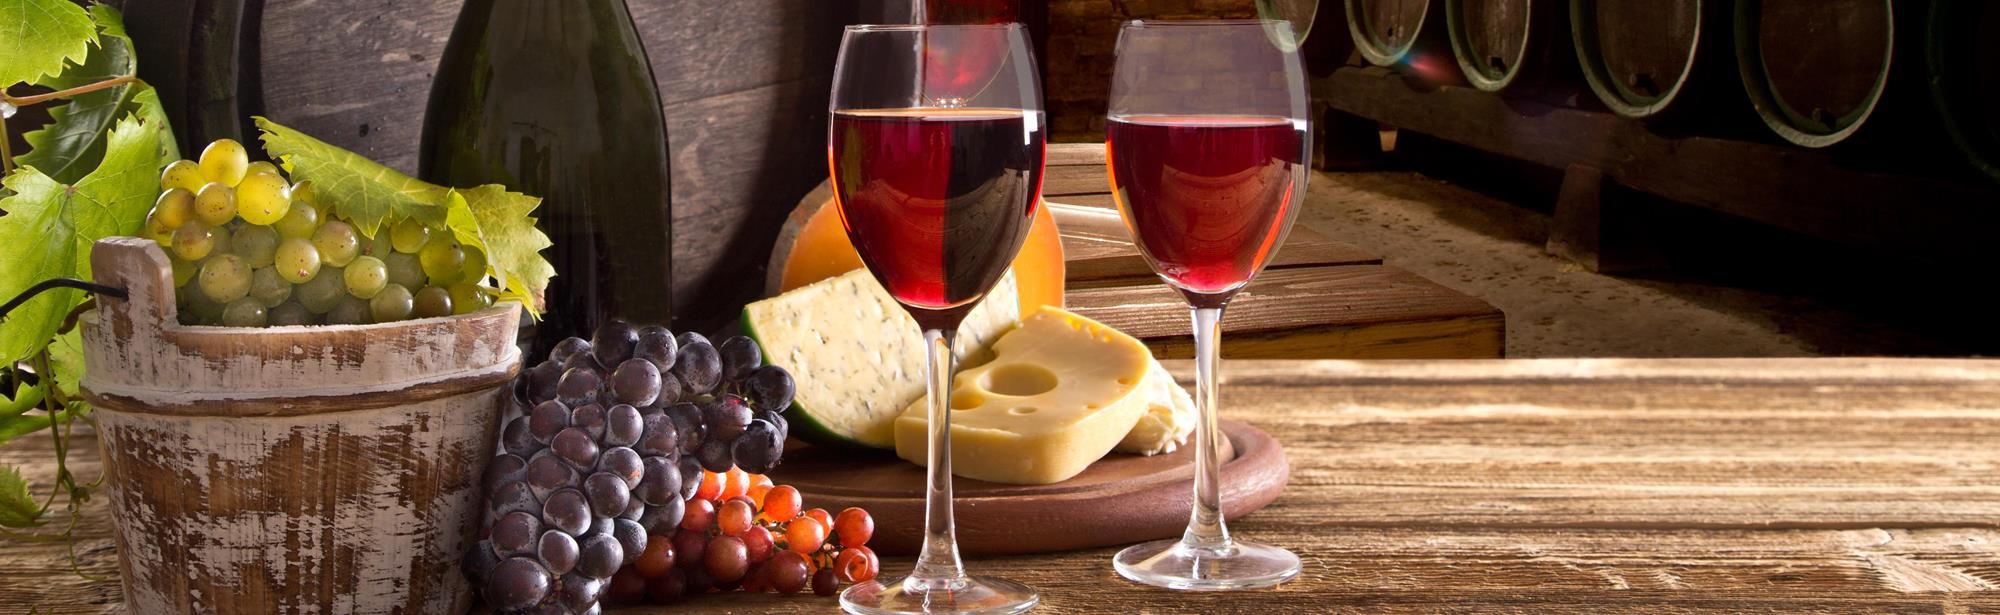 Slijterij Wijnhandel Maison d'Elfant